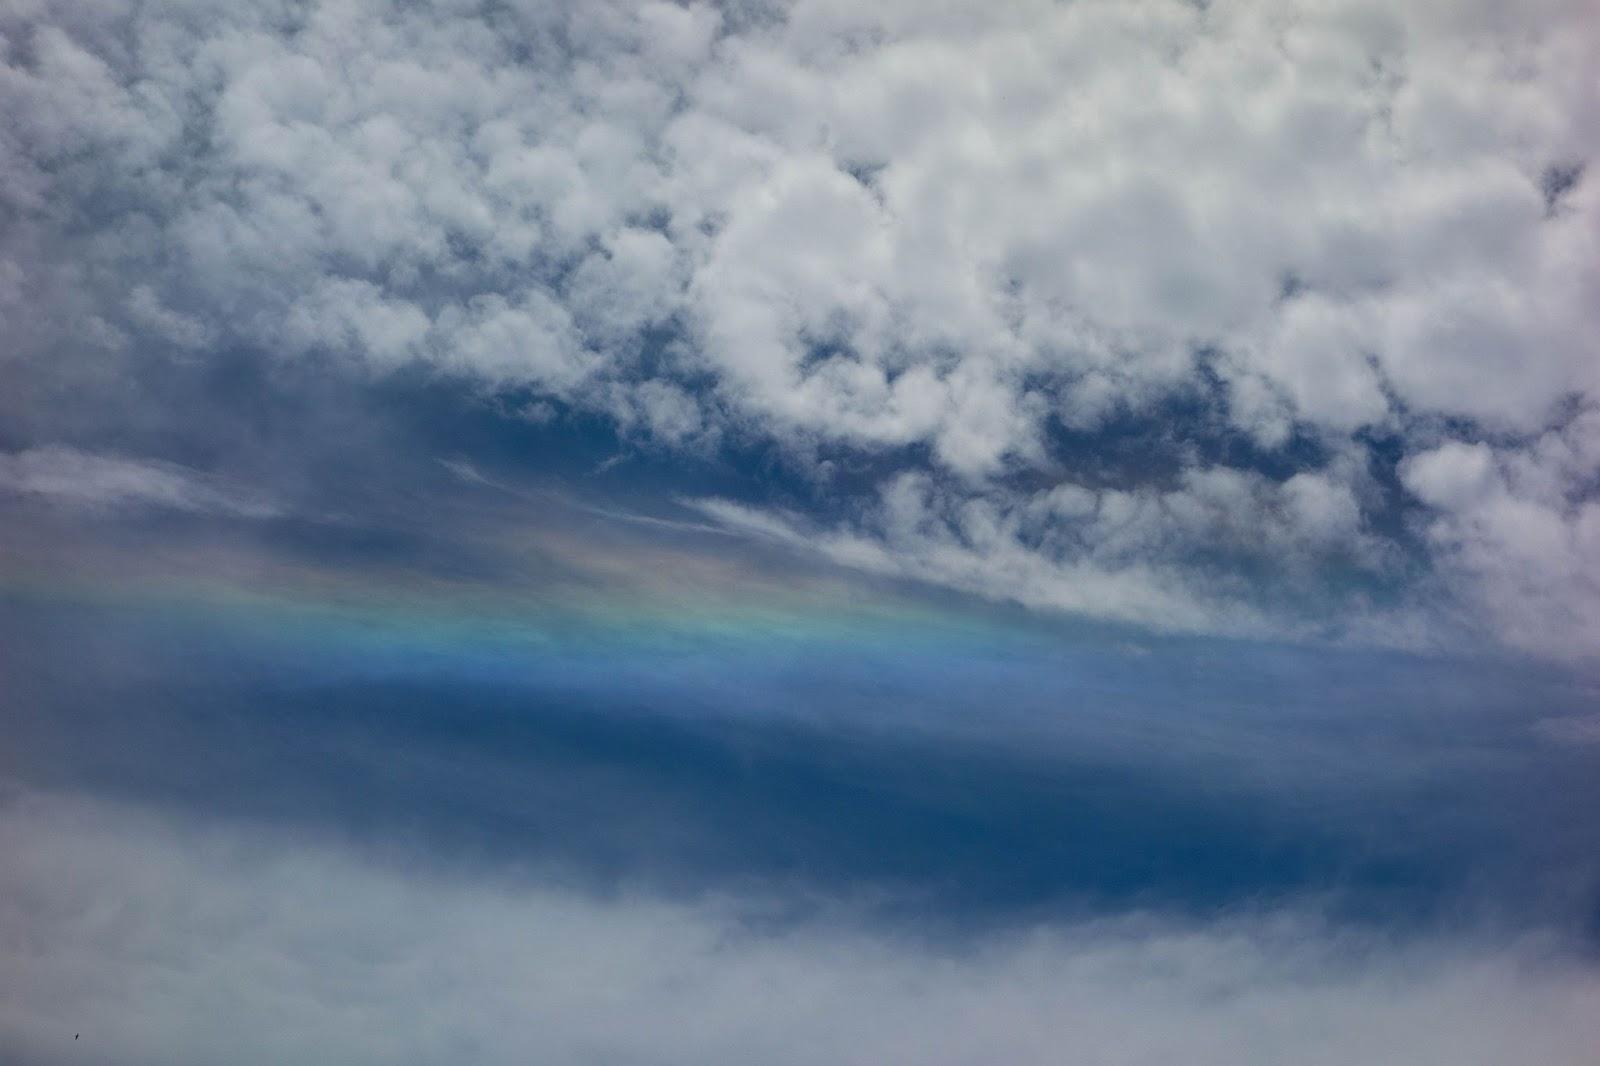 彩雲 (航空機)の画像 p1_38